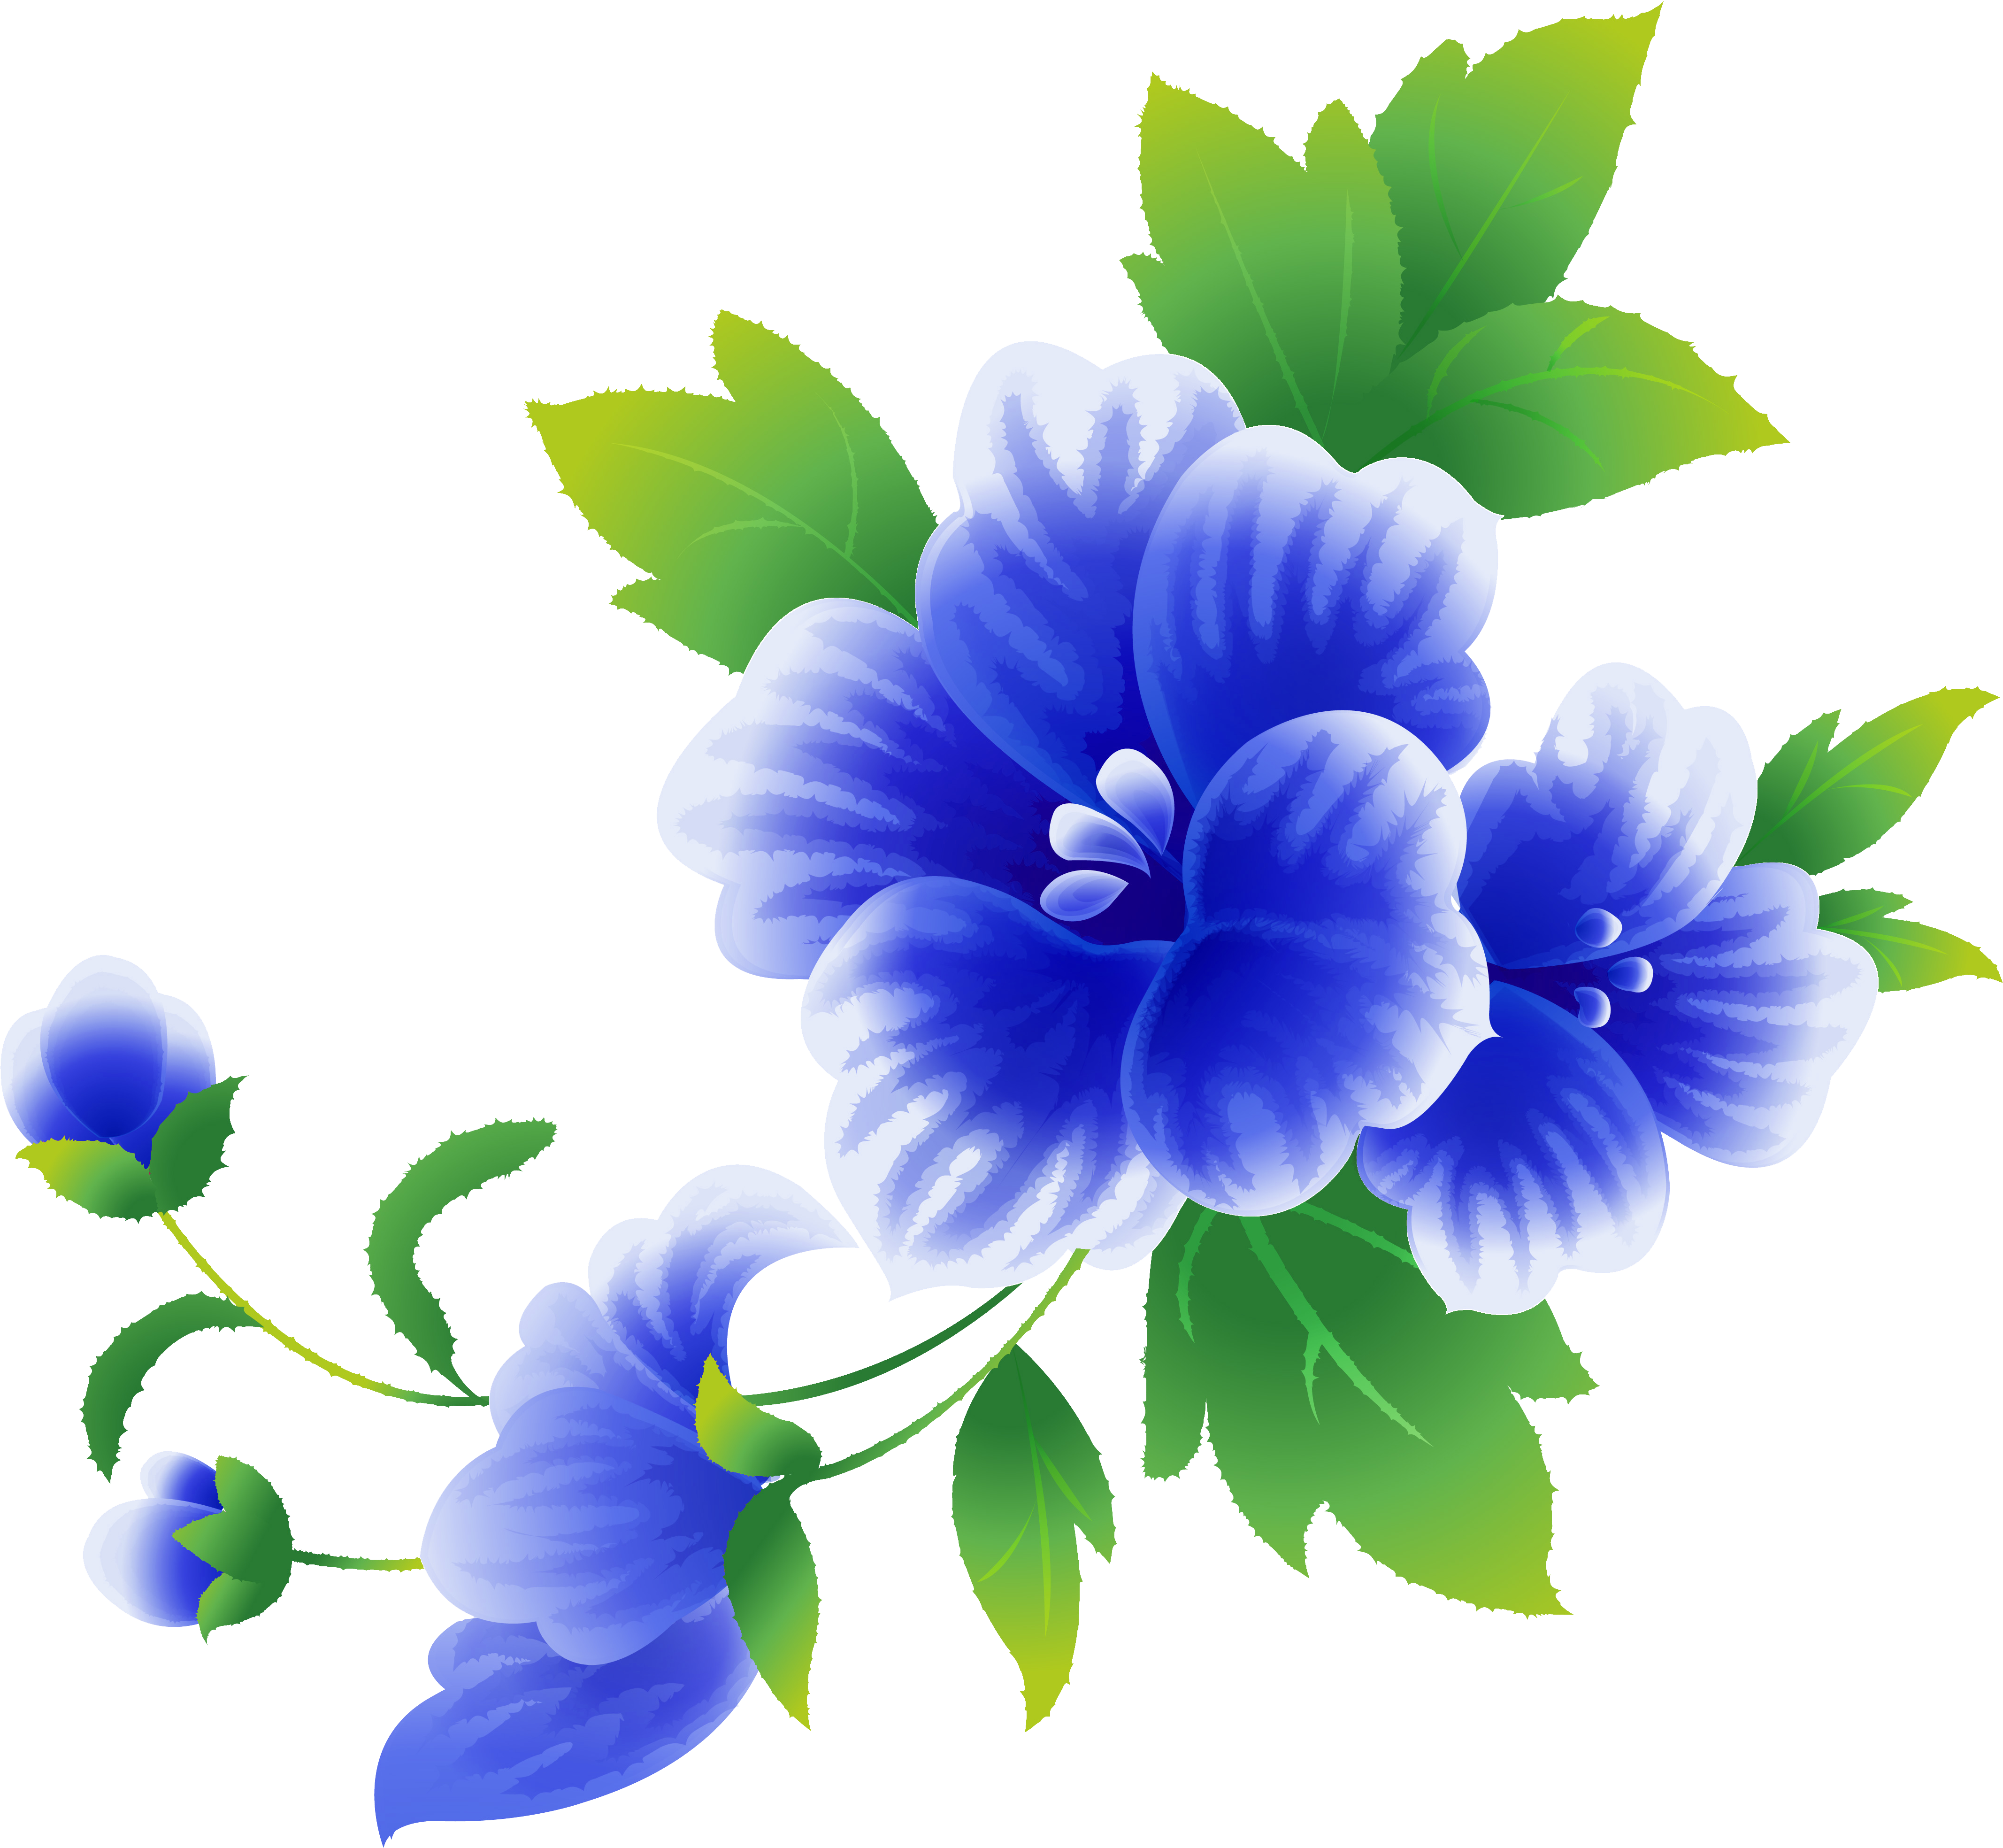 Картинки одиночных цветов для оформления